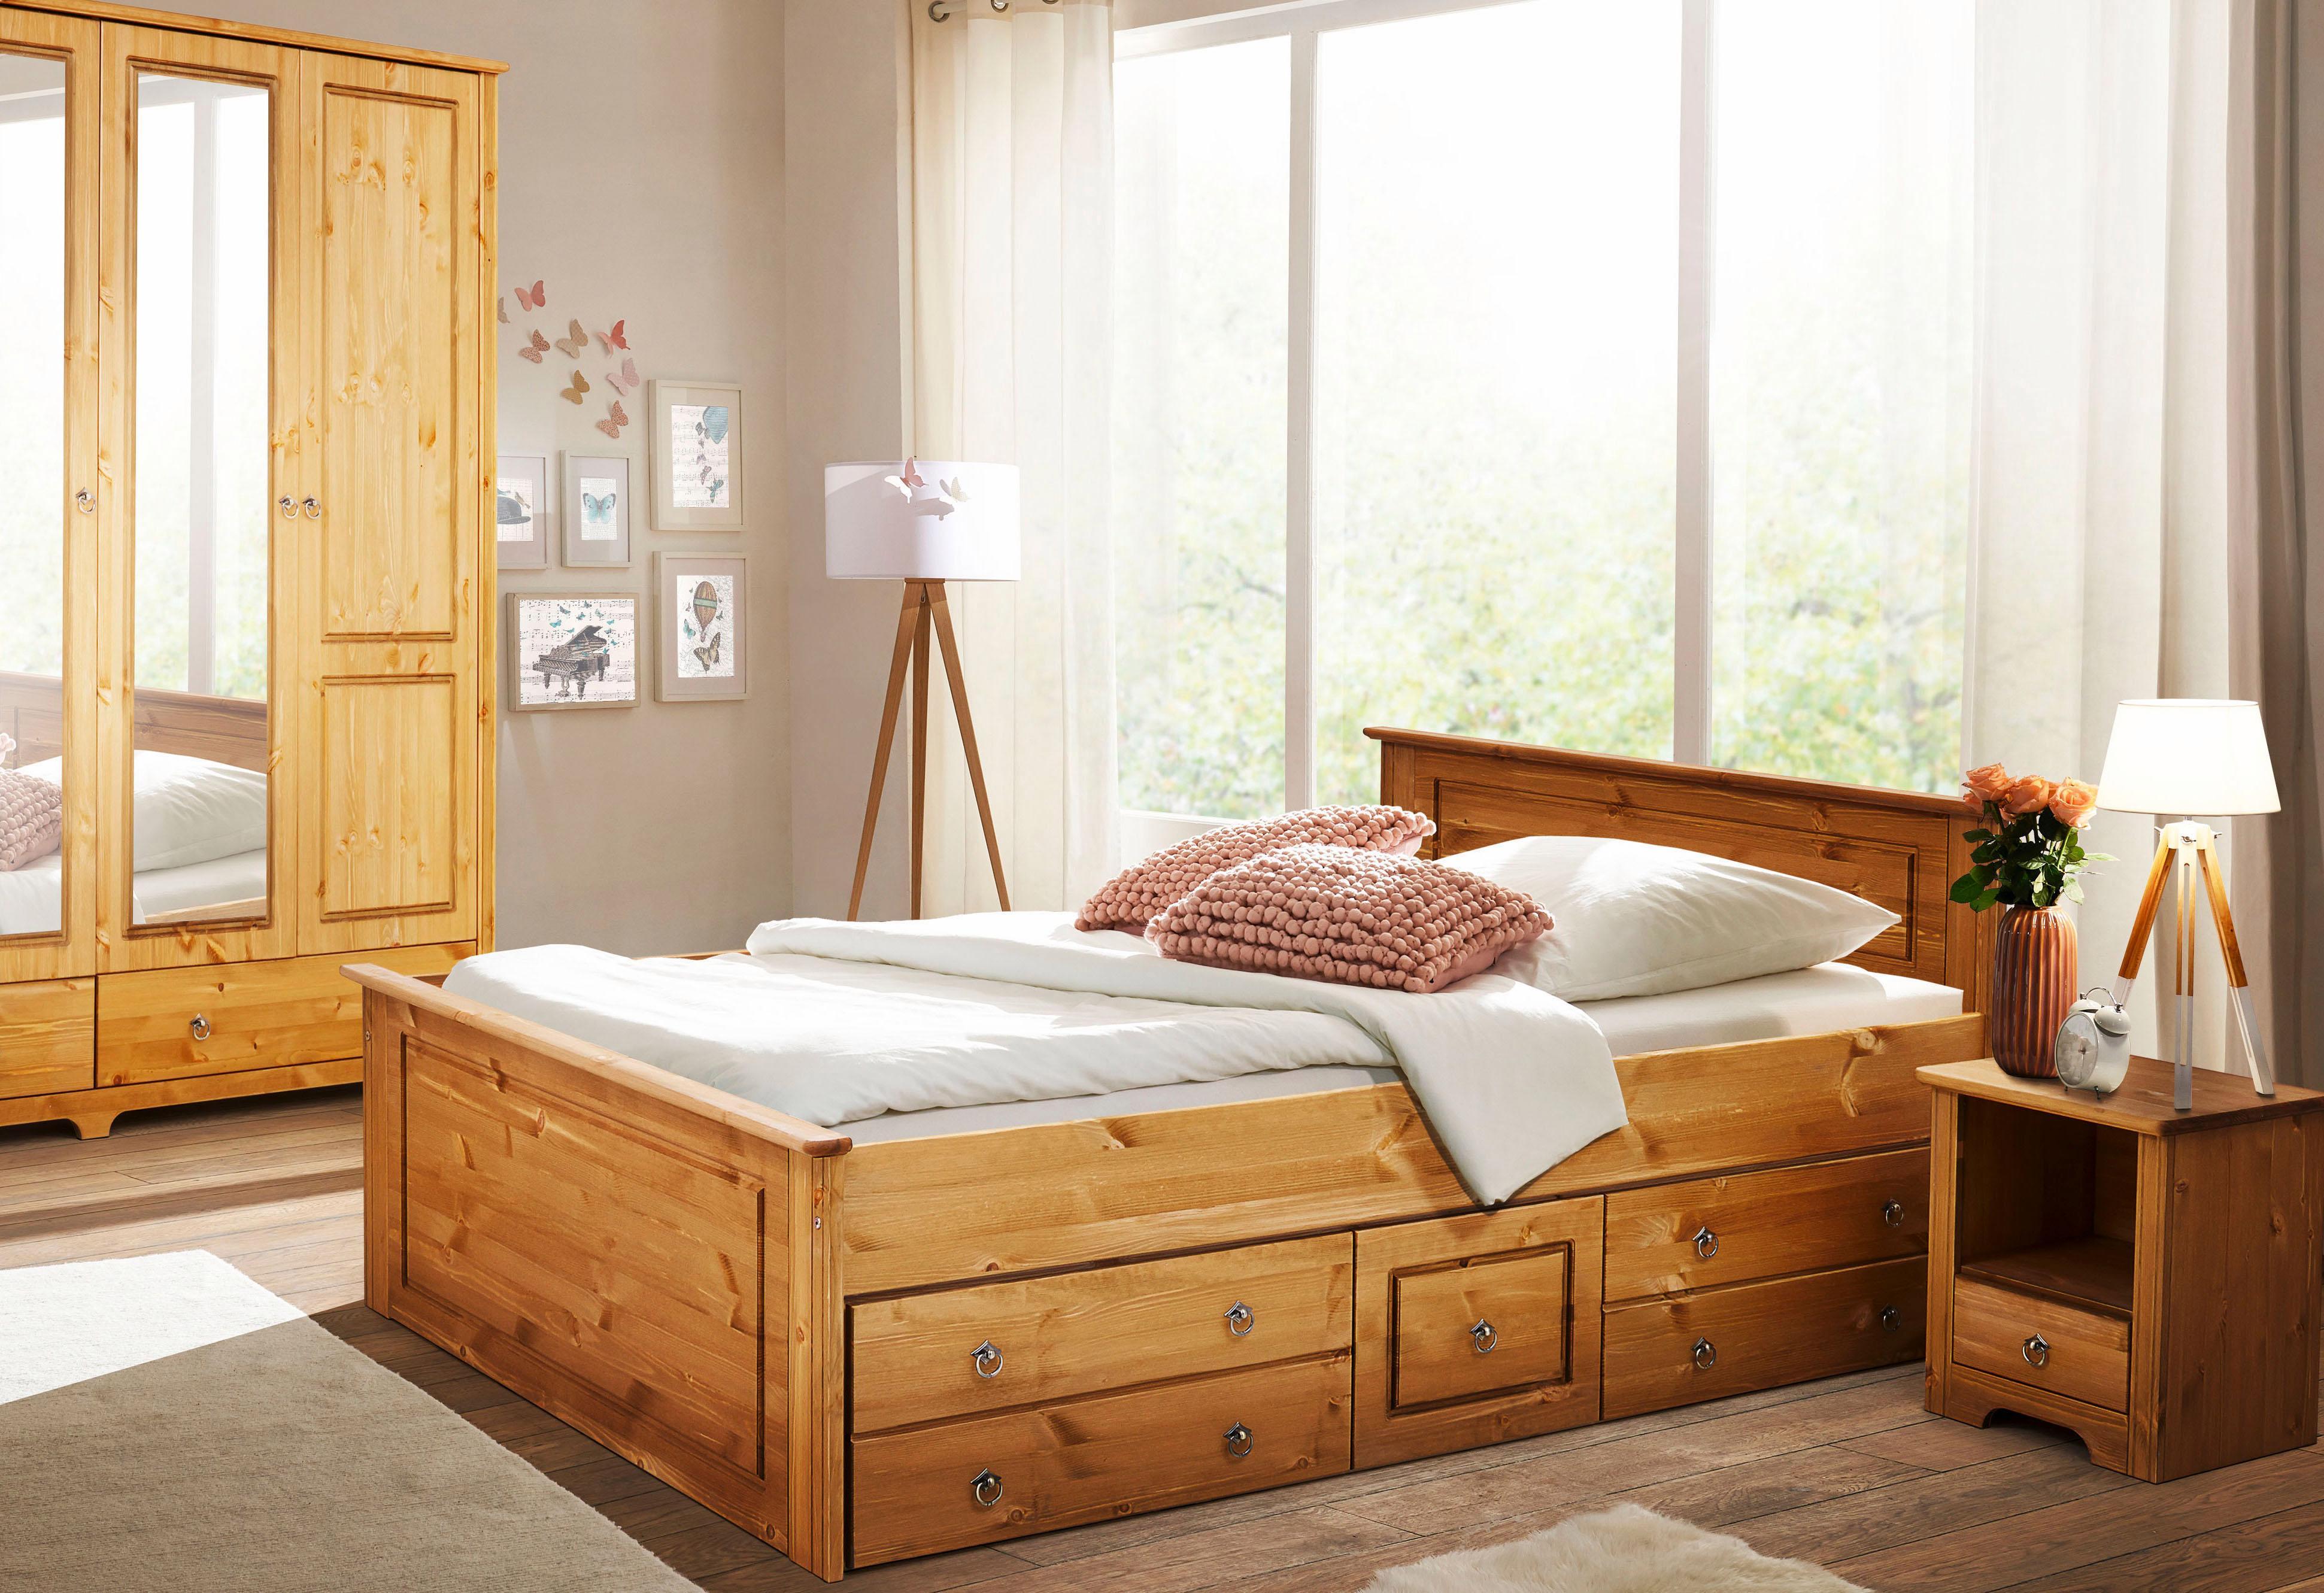 Home affaire Schlafzimmer-Set »Hugo« (Set, 3-tlg) kaufen   BAUR